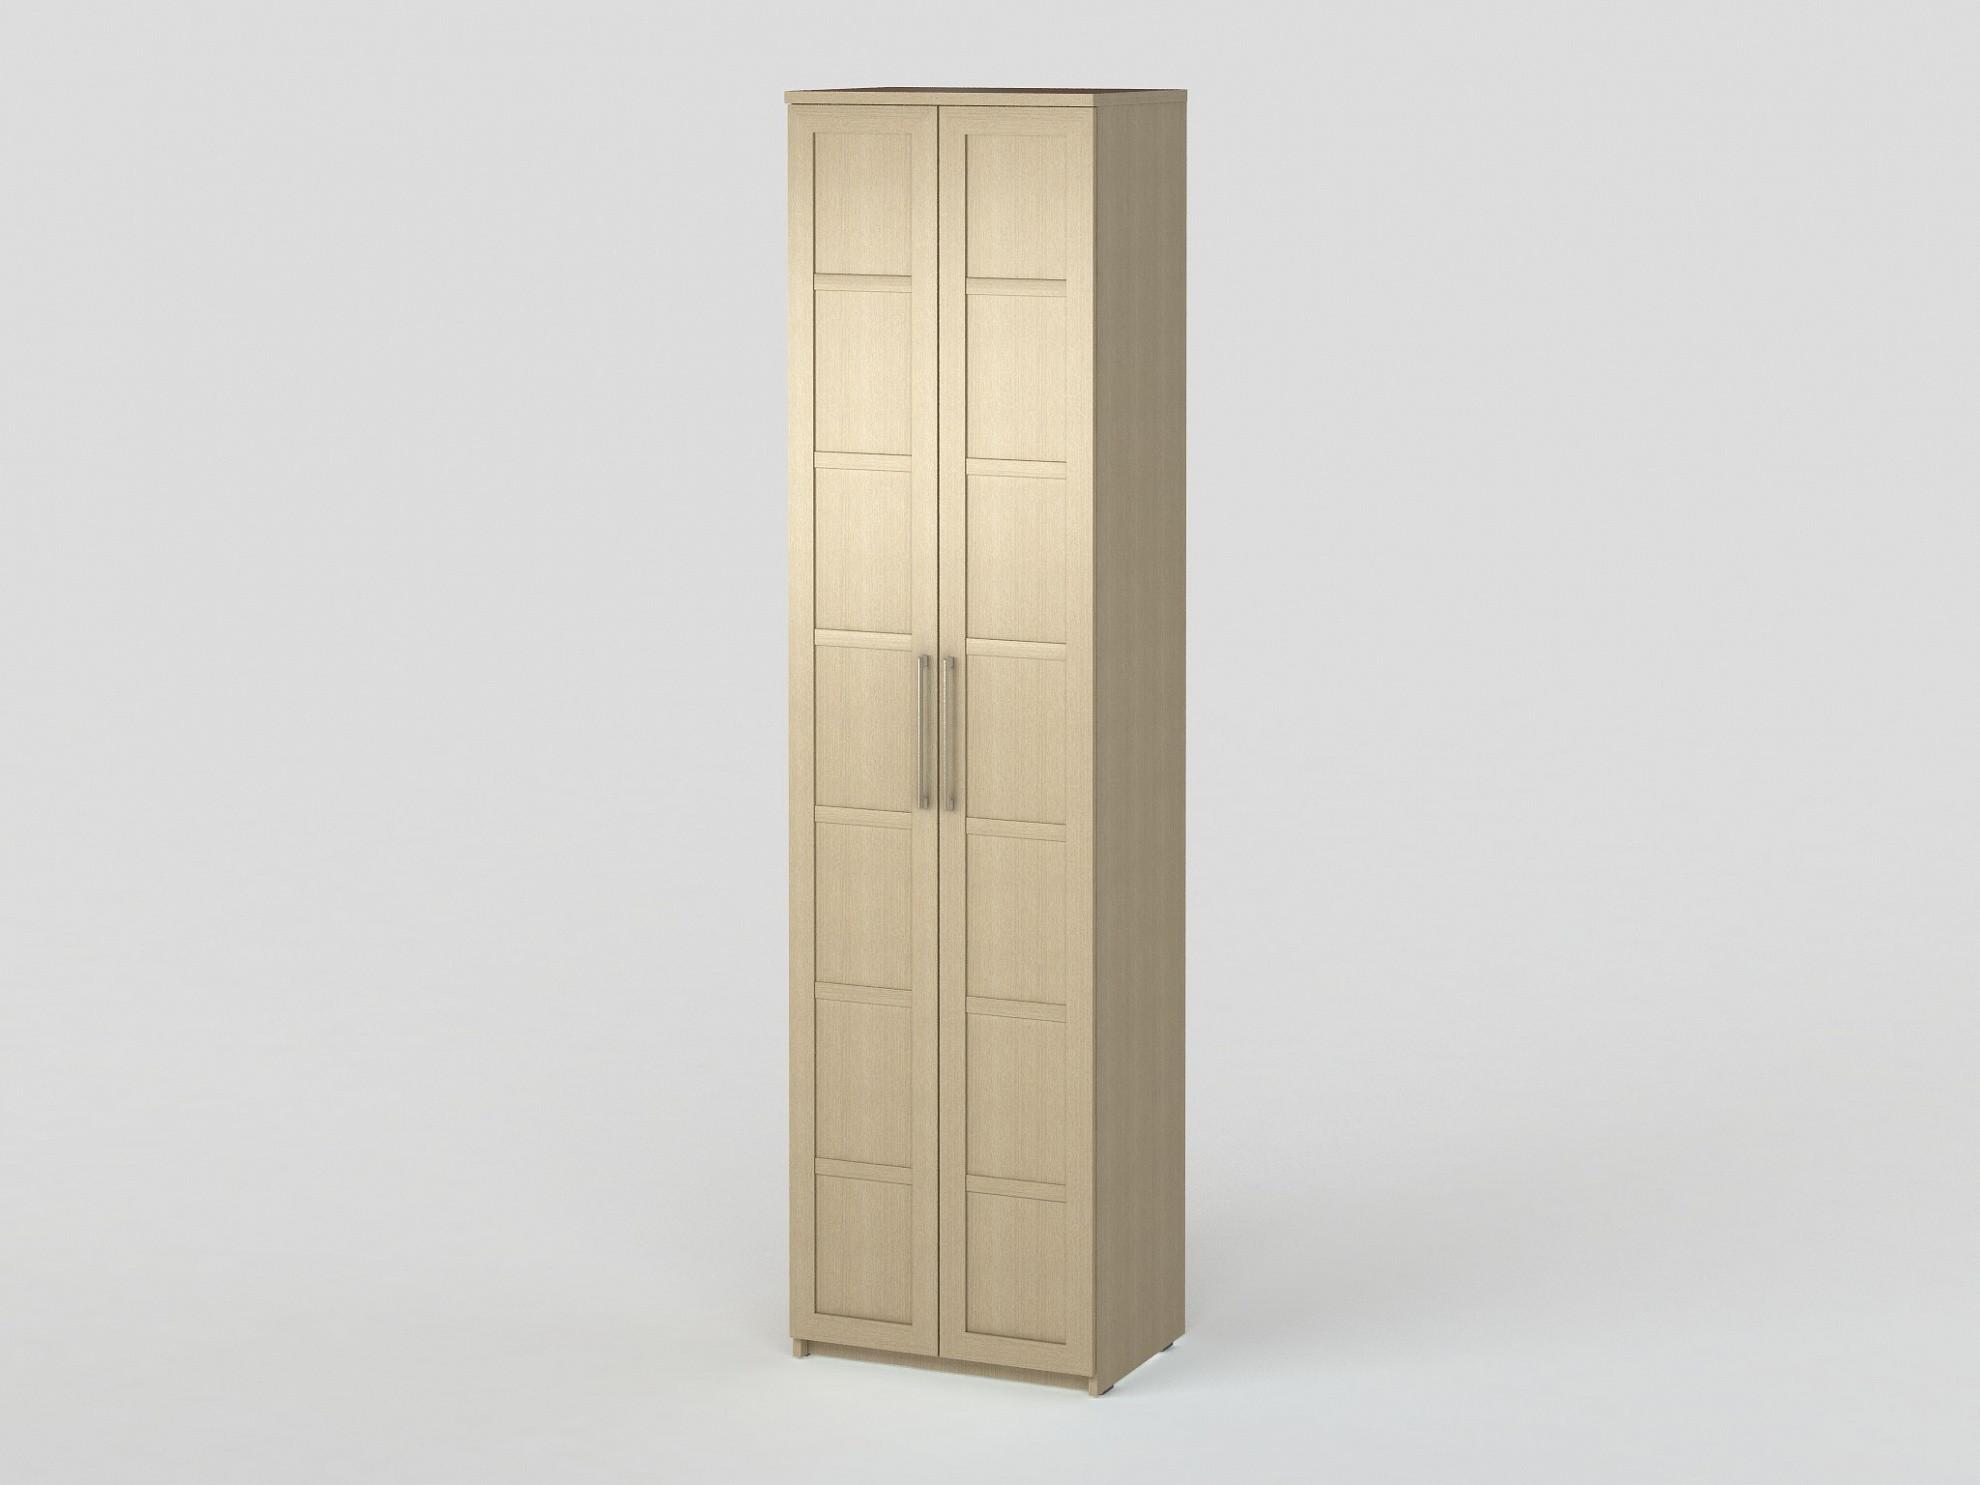 Соло 027 Шкаф платяной фасады ДСП Дуб Молочный